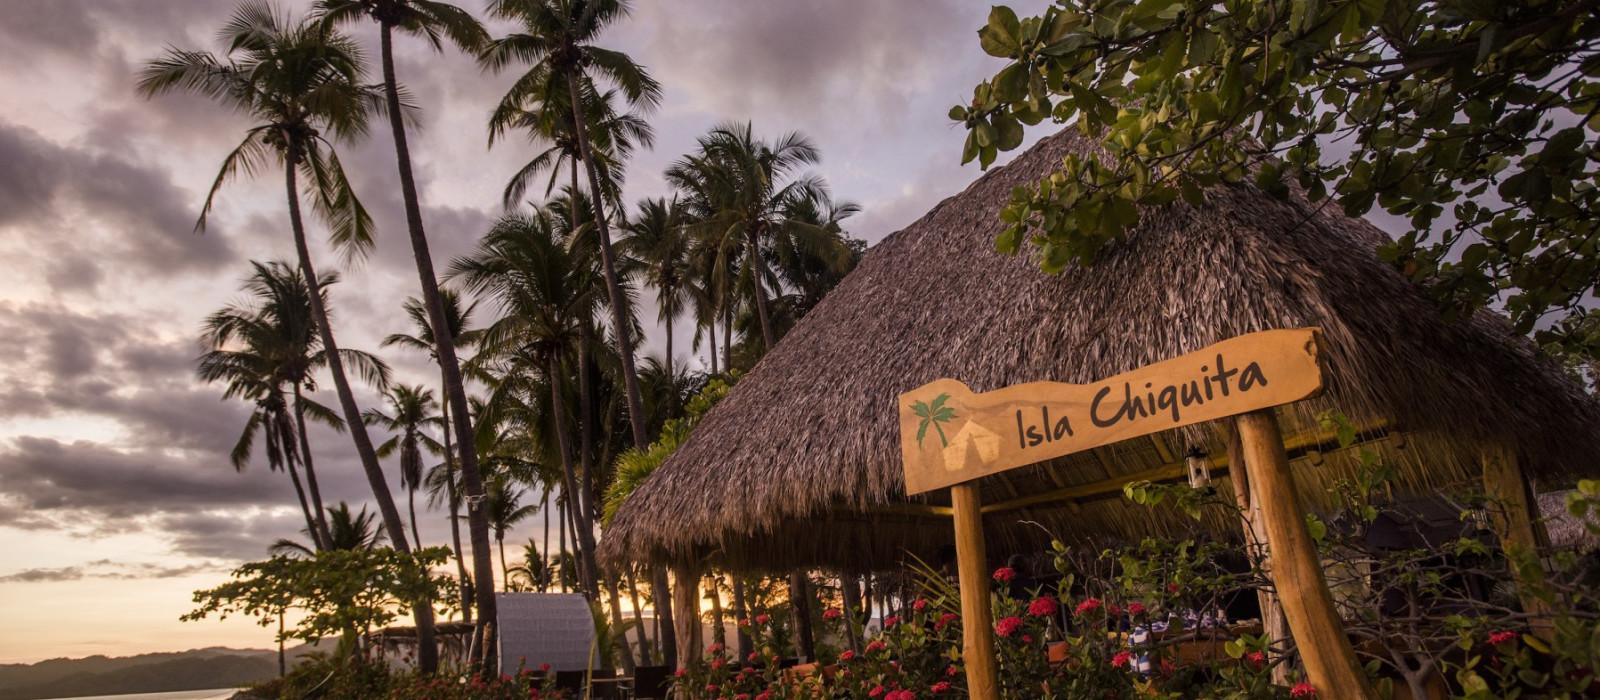 Hotel Isla Chiquita Costa Rica